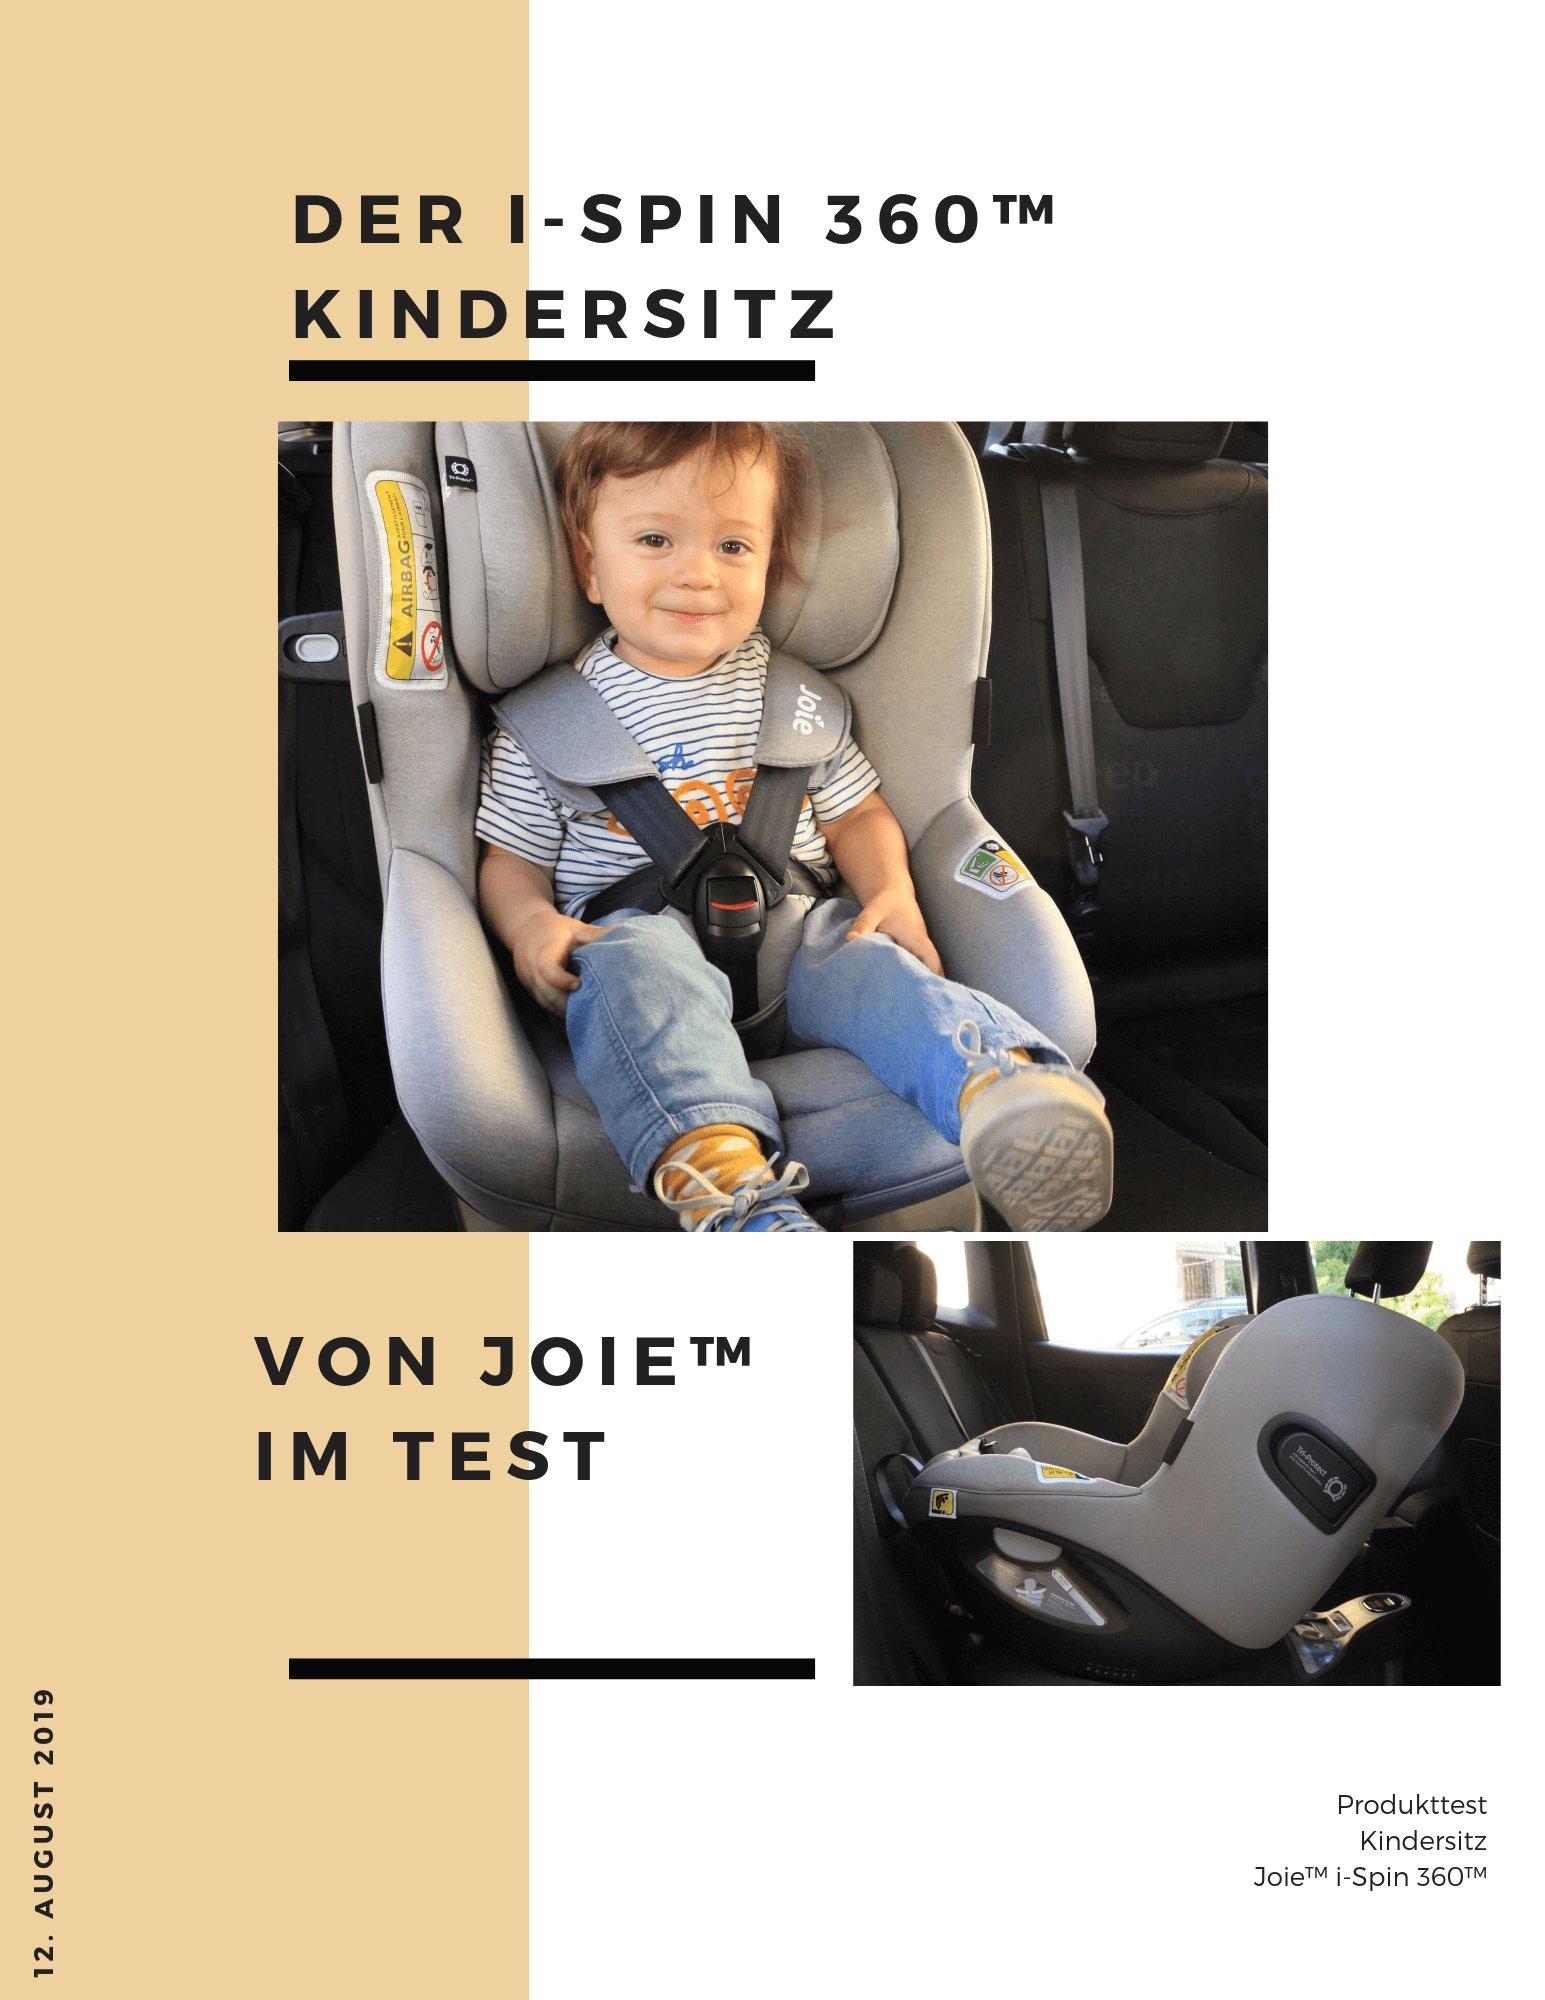 kindersitz-beitragsbild